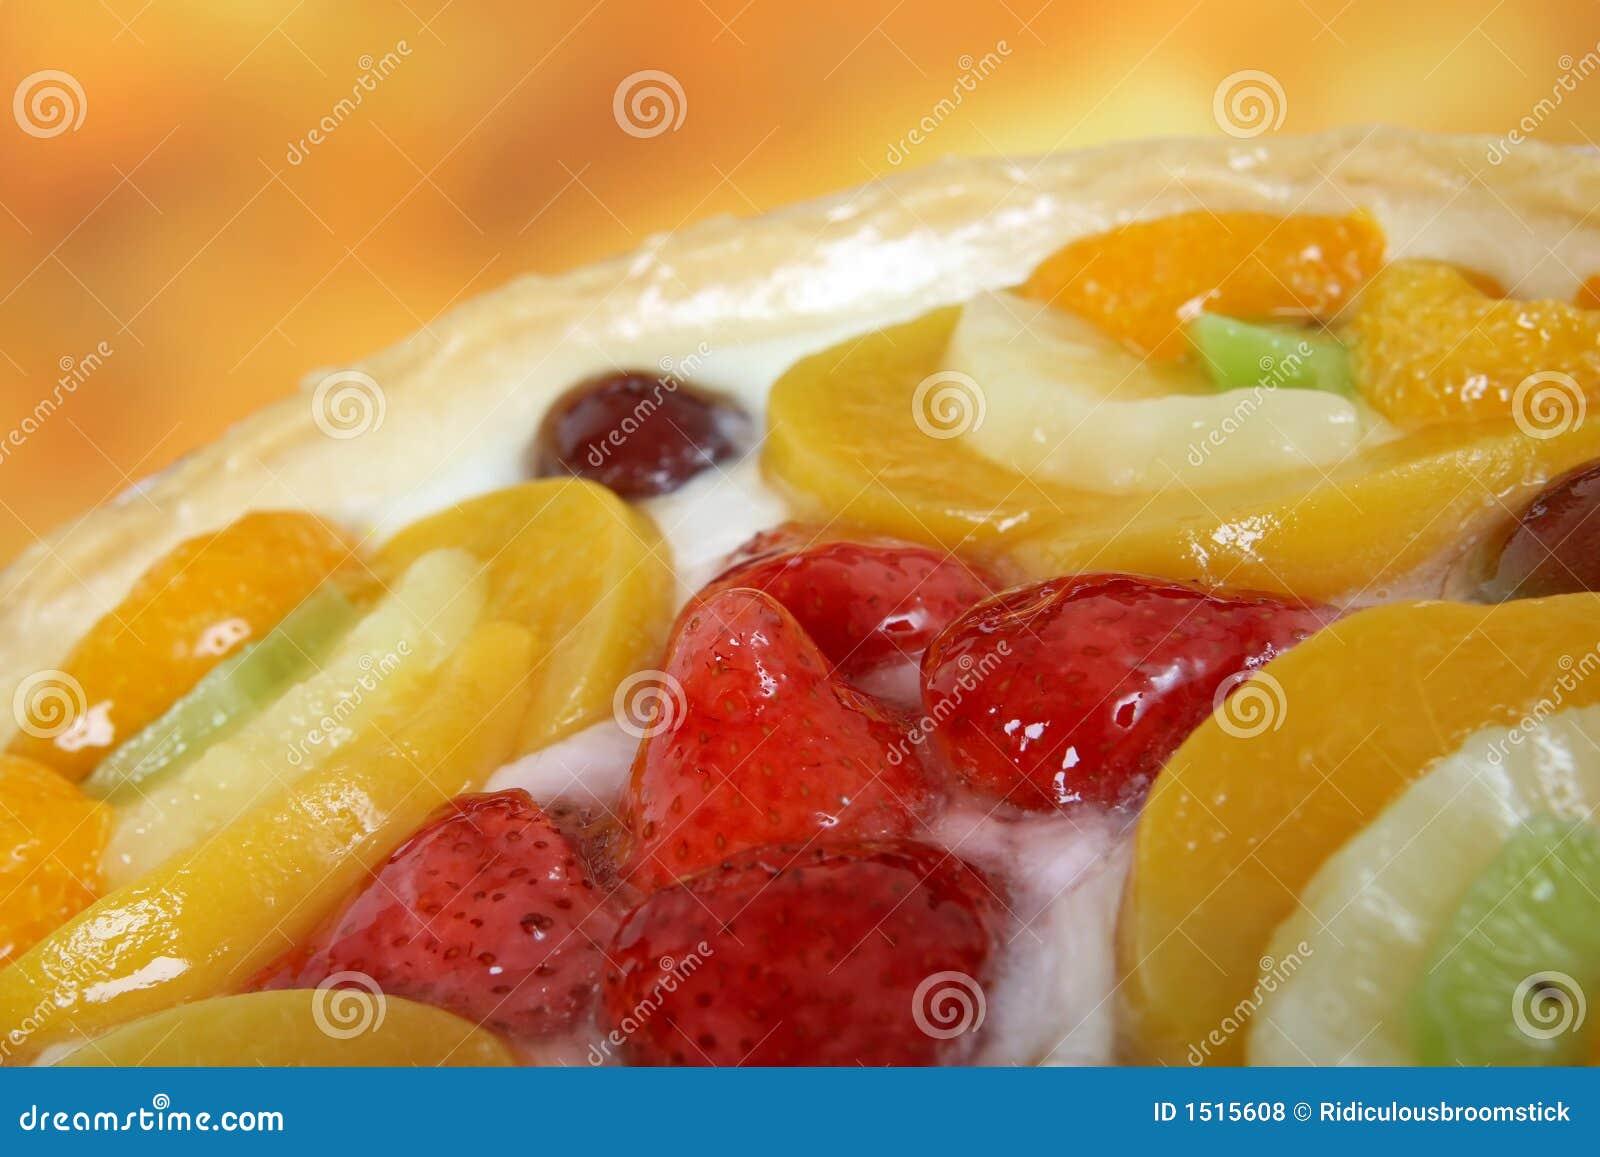 Summer garden fruits in a sweet glazed cream pie dessert